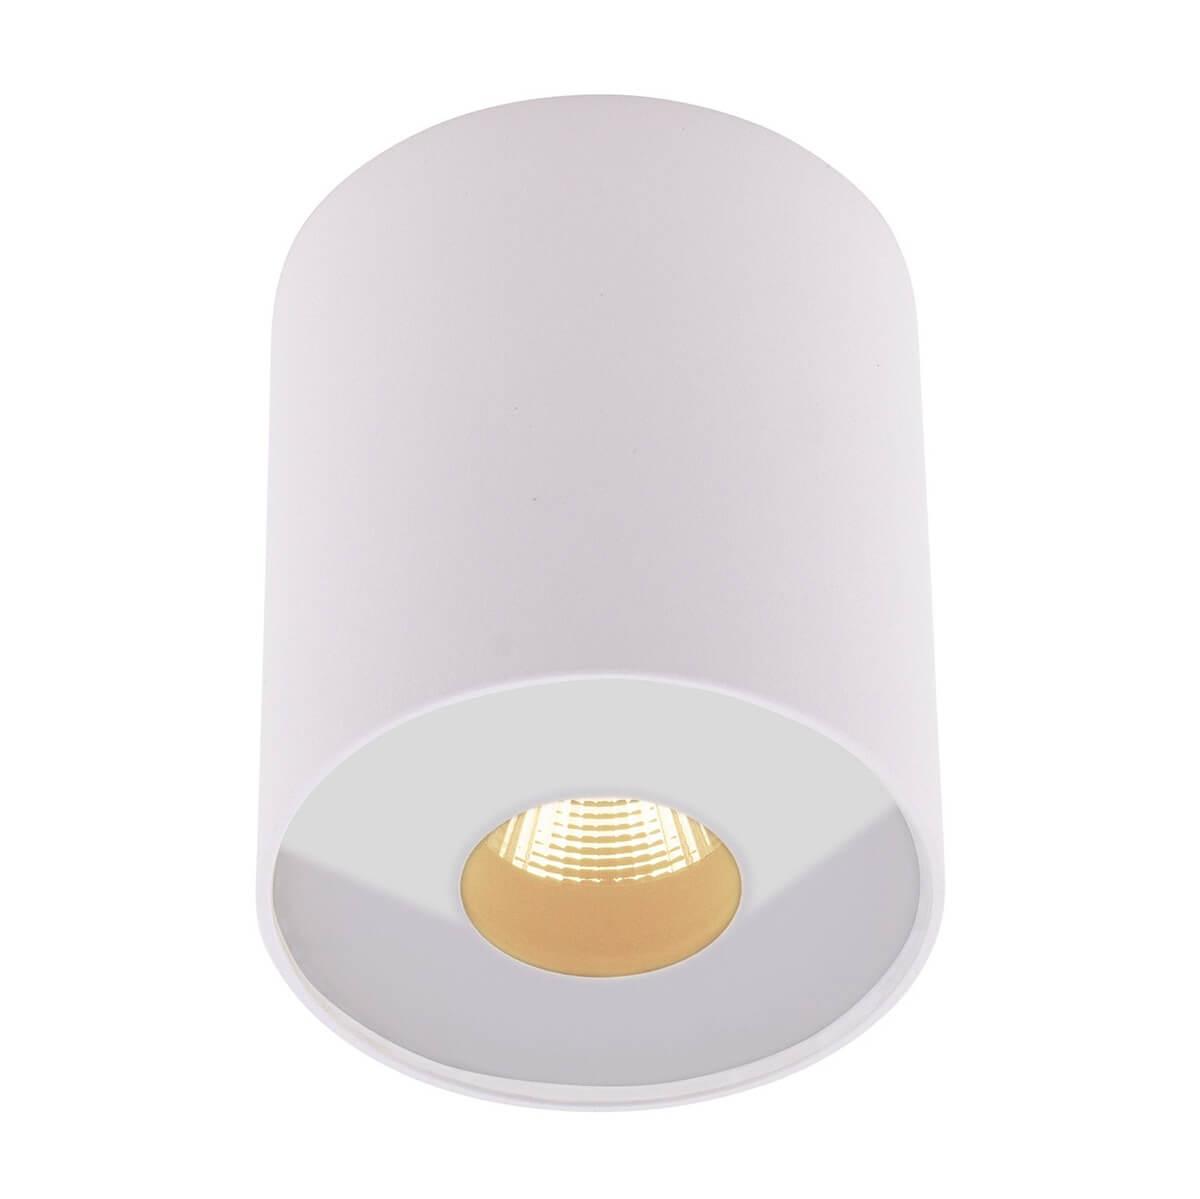 Спот лампа Plazma, бяла с IP54